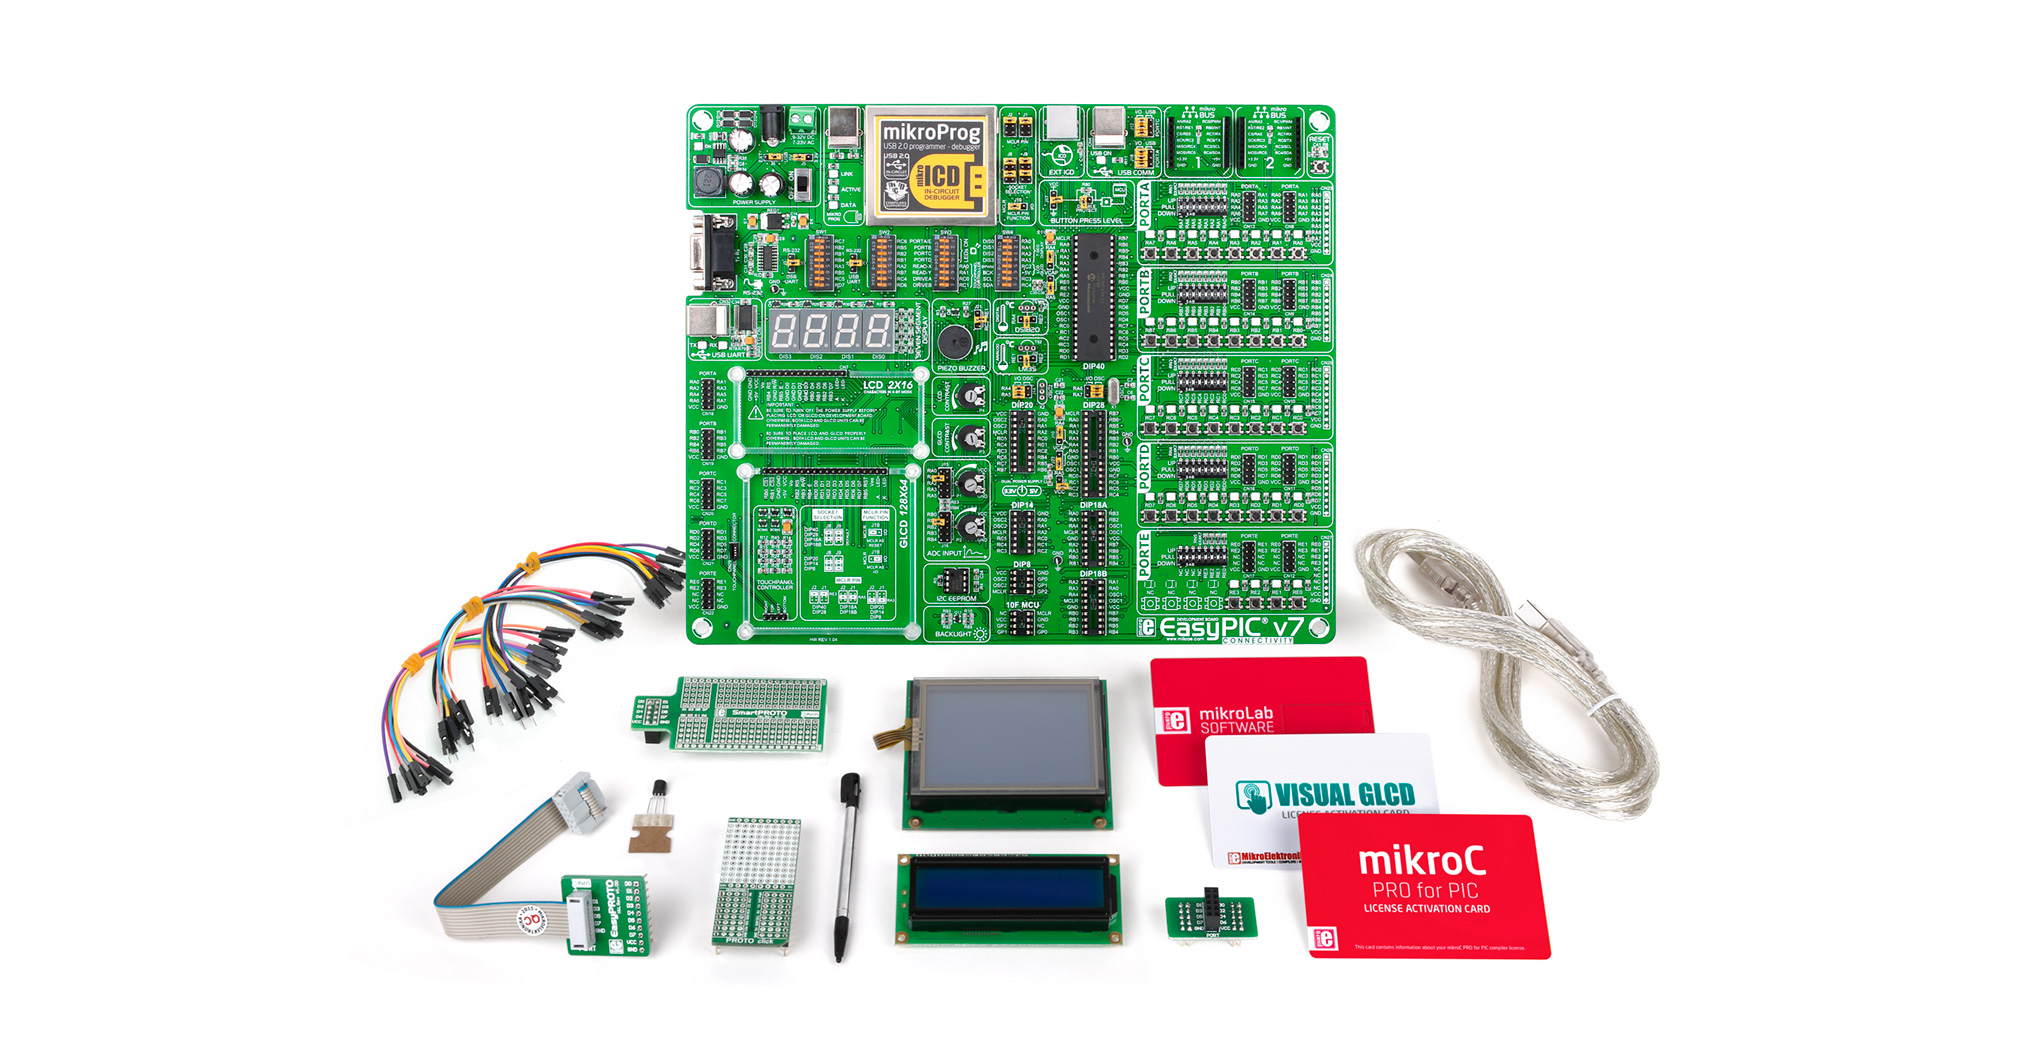 mikroC mikroLab Kits